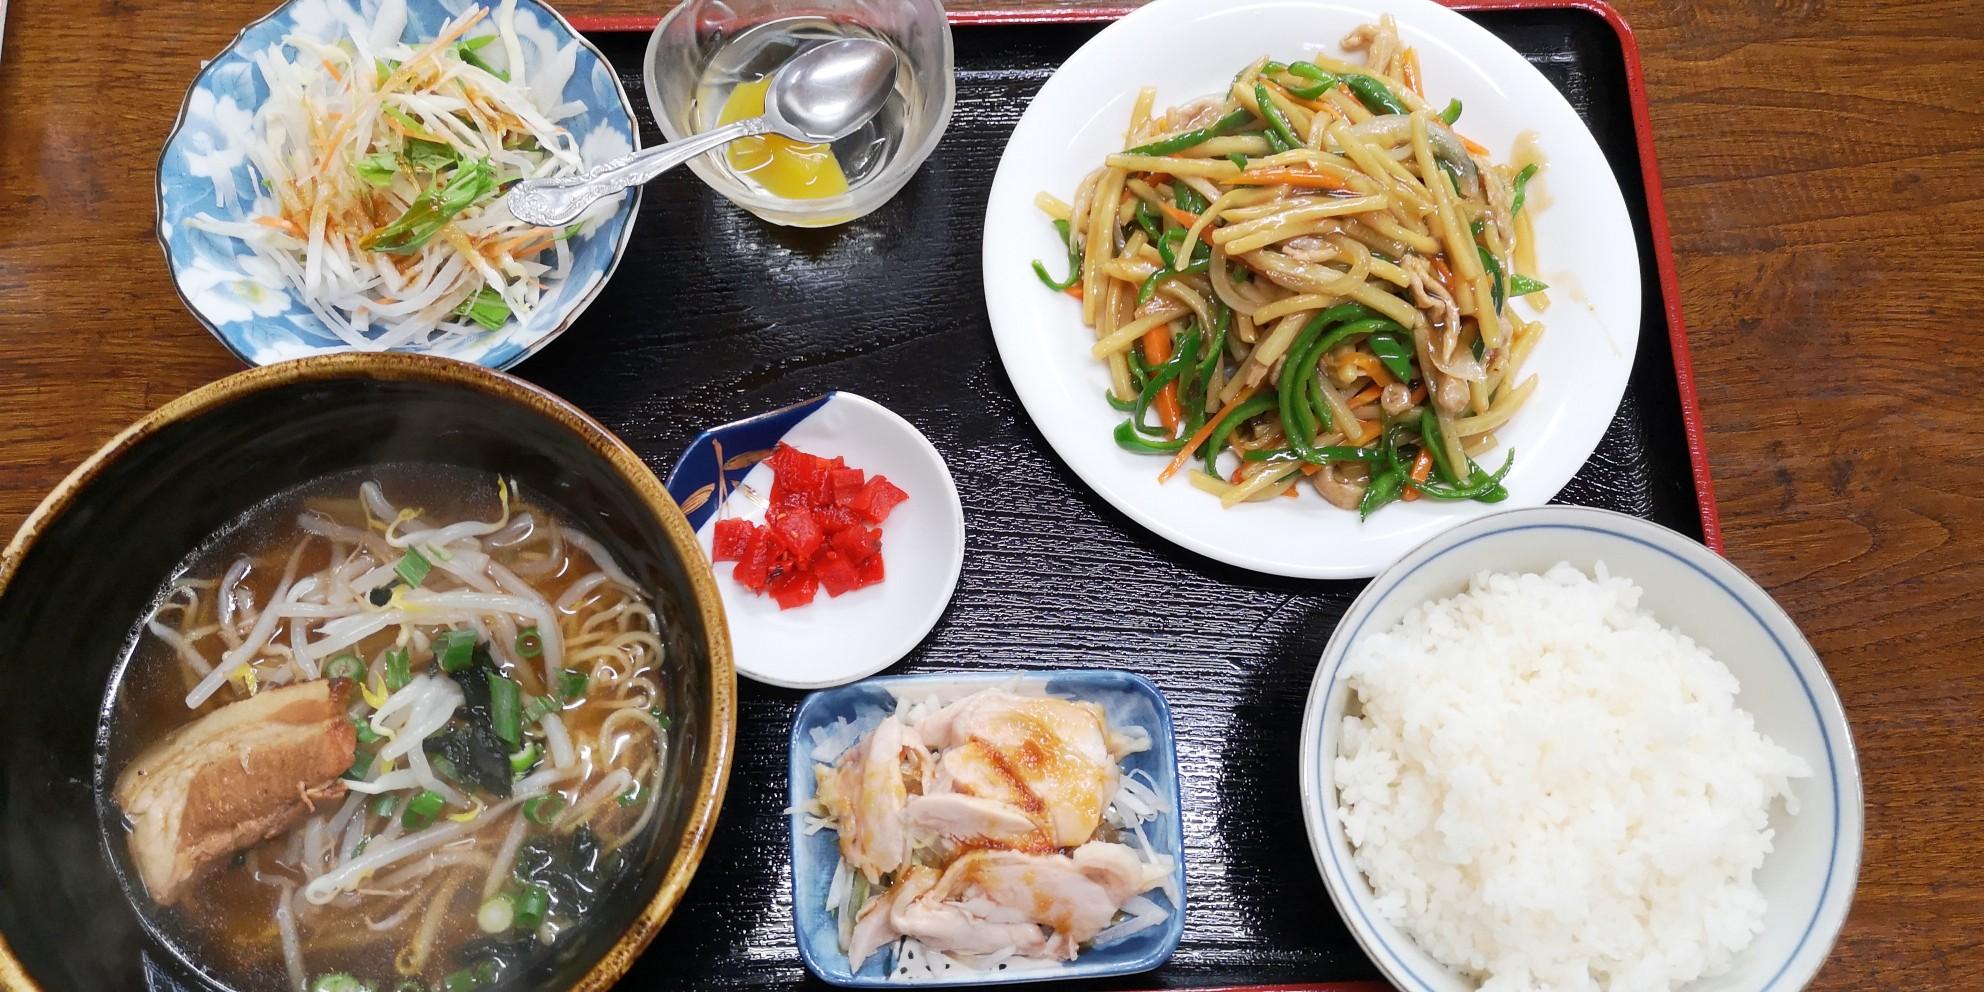 桃仙の青椒肉絲定食と醤油ラーメン